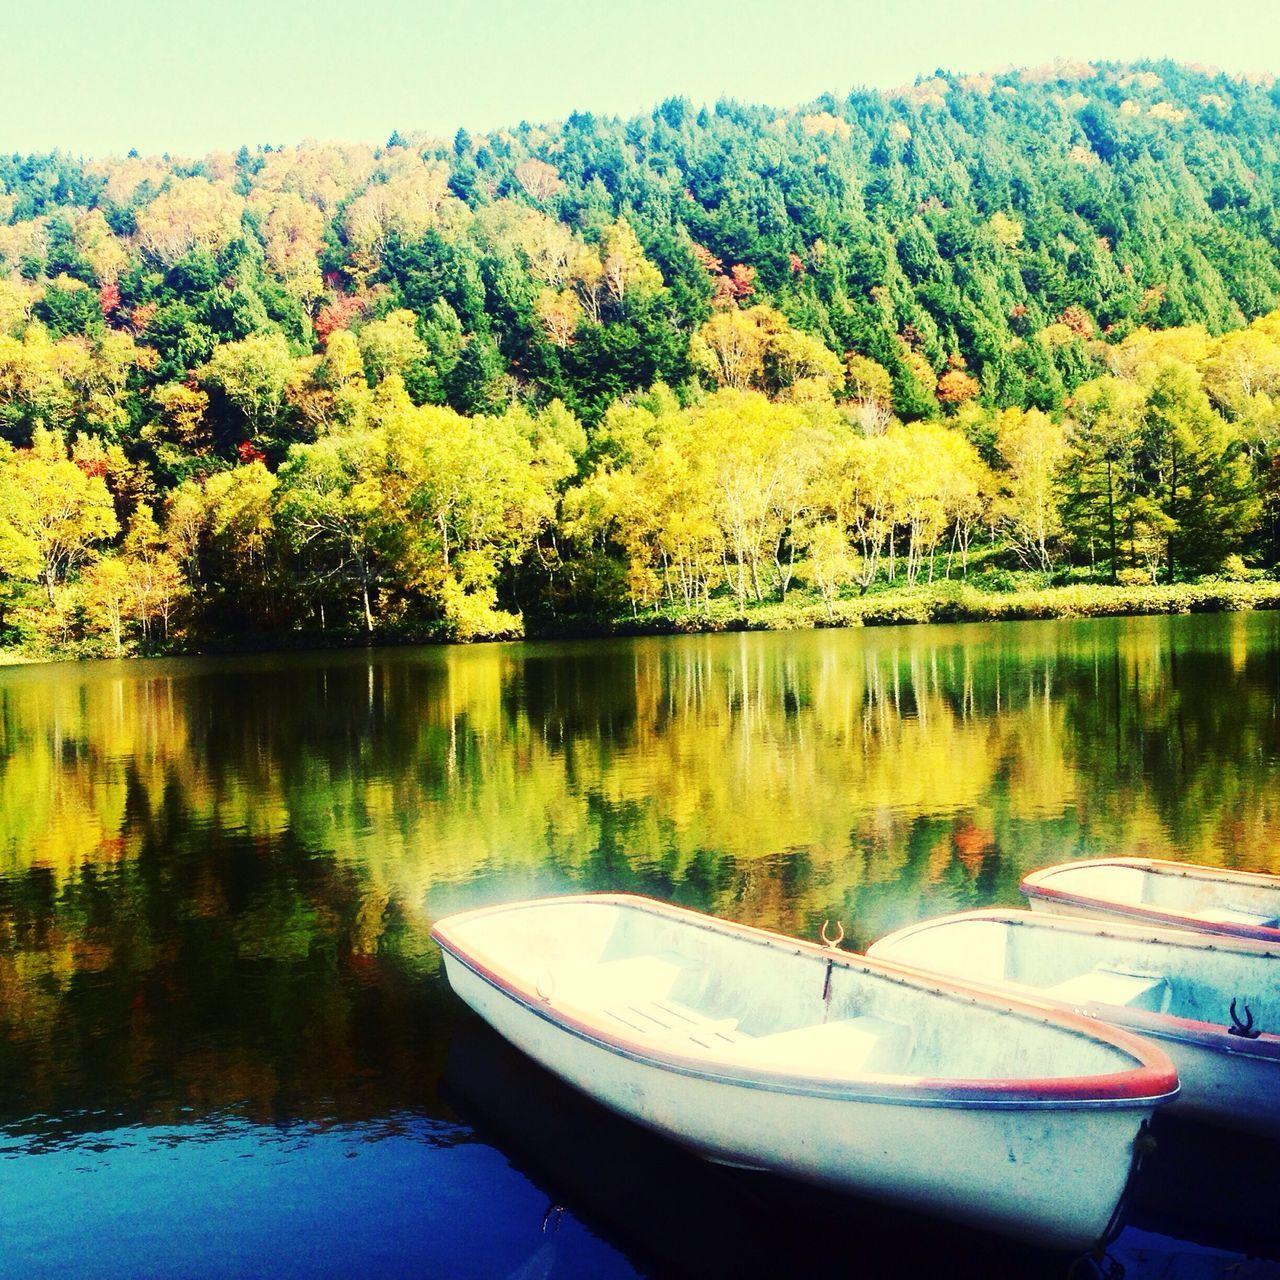 信州志賀高原 木戸池の紅葉 です🍁 2015 10月9日 晴れた美しい湖面です😘 Lake Autumn Amateurphotography Autumn Leaves Forest Beautiful Day EyeEm Best Shots EyeEm Nature Lover Colors Of Autumn EyeEm Best Shots - Nature 山ノ内町